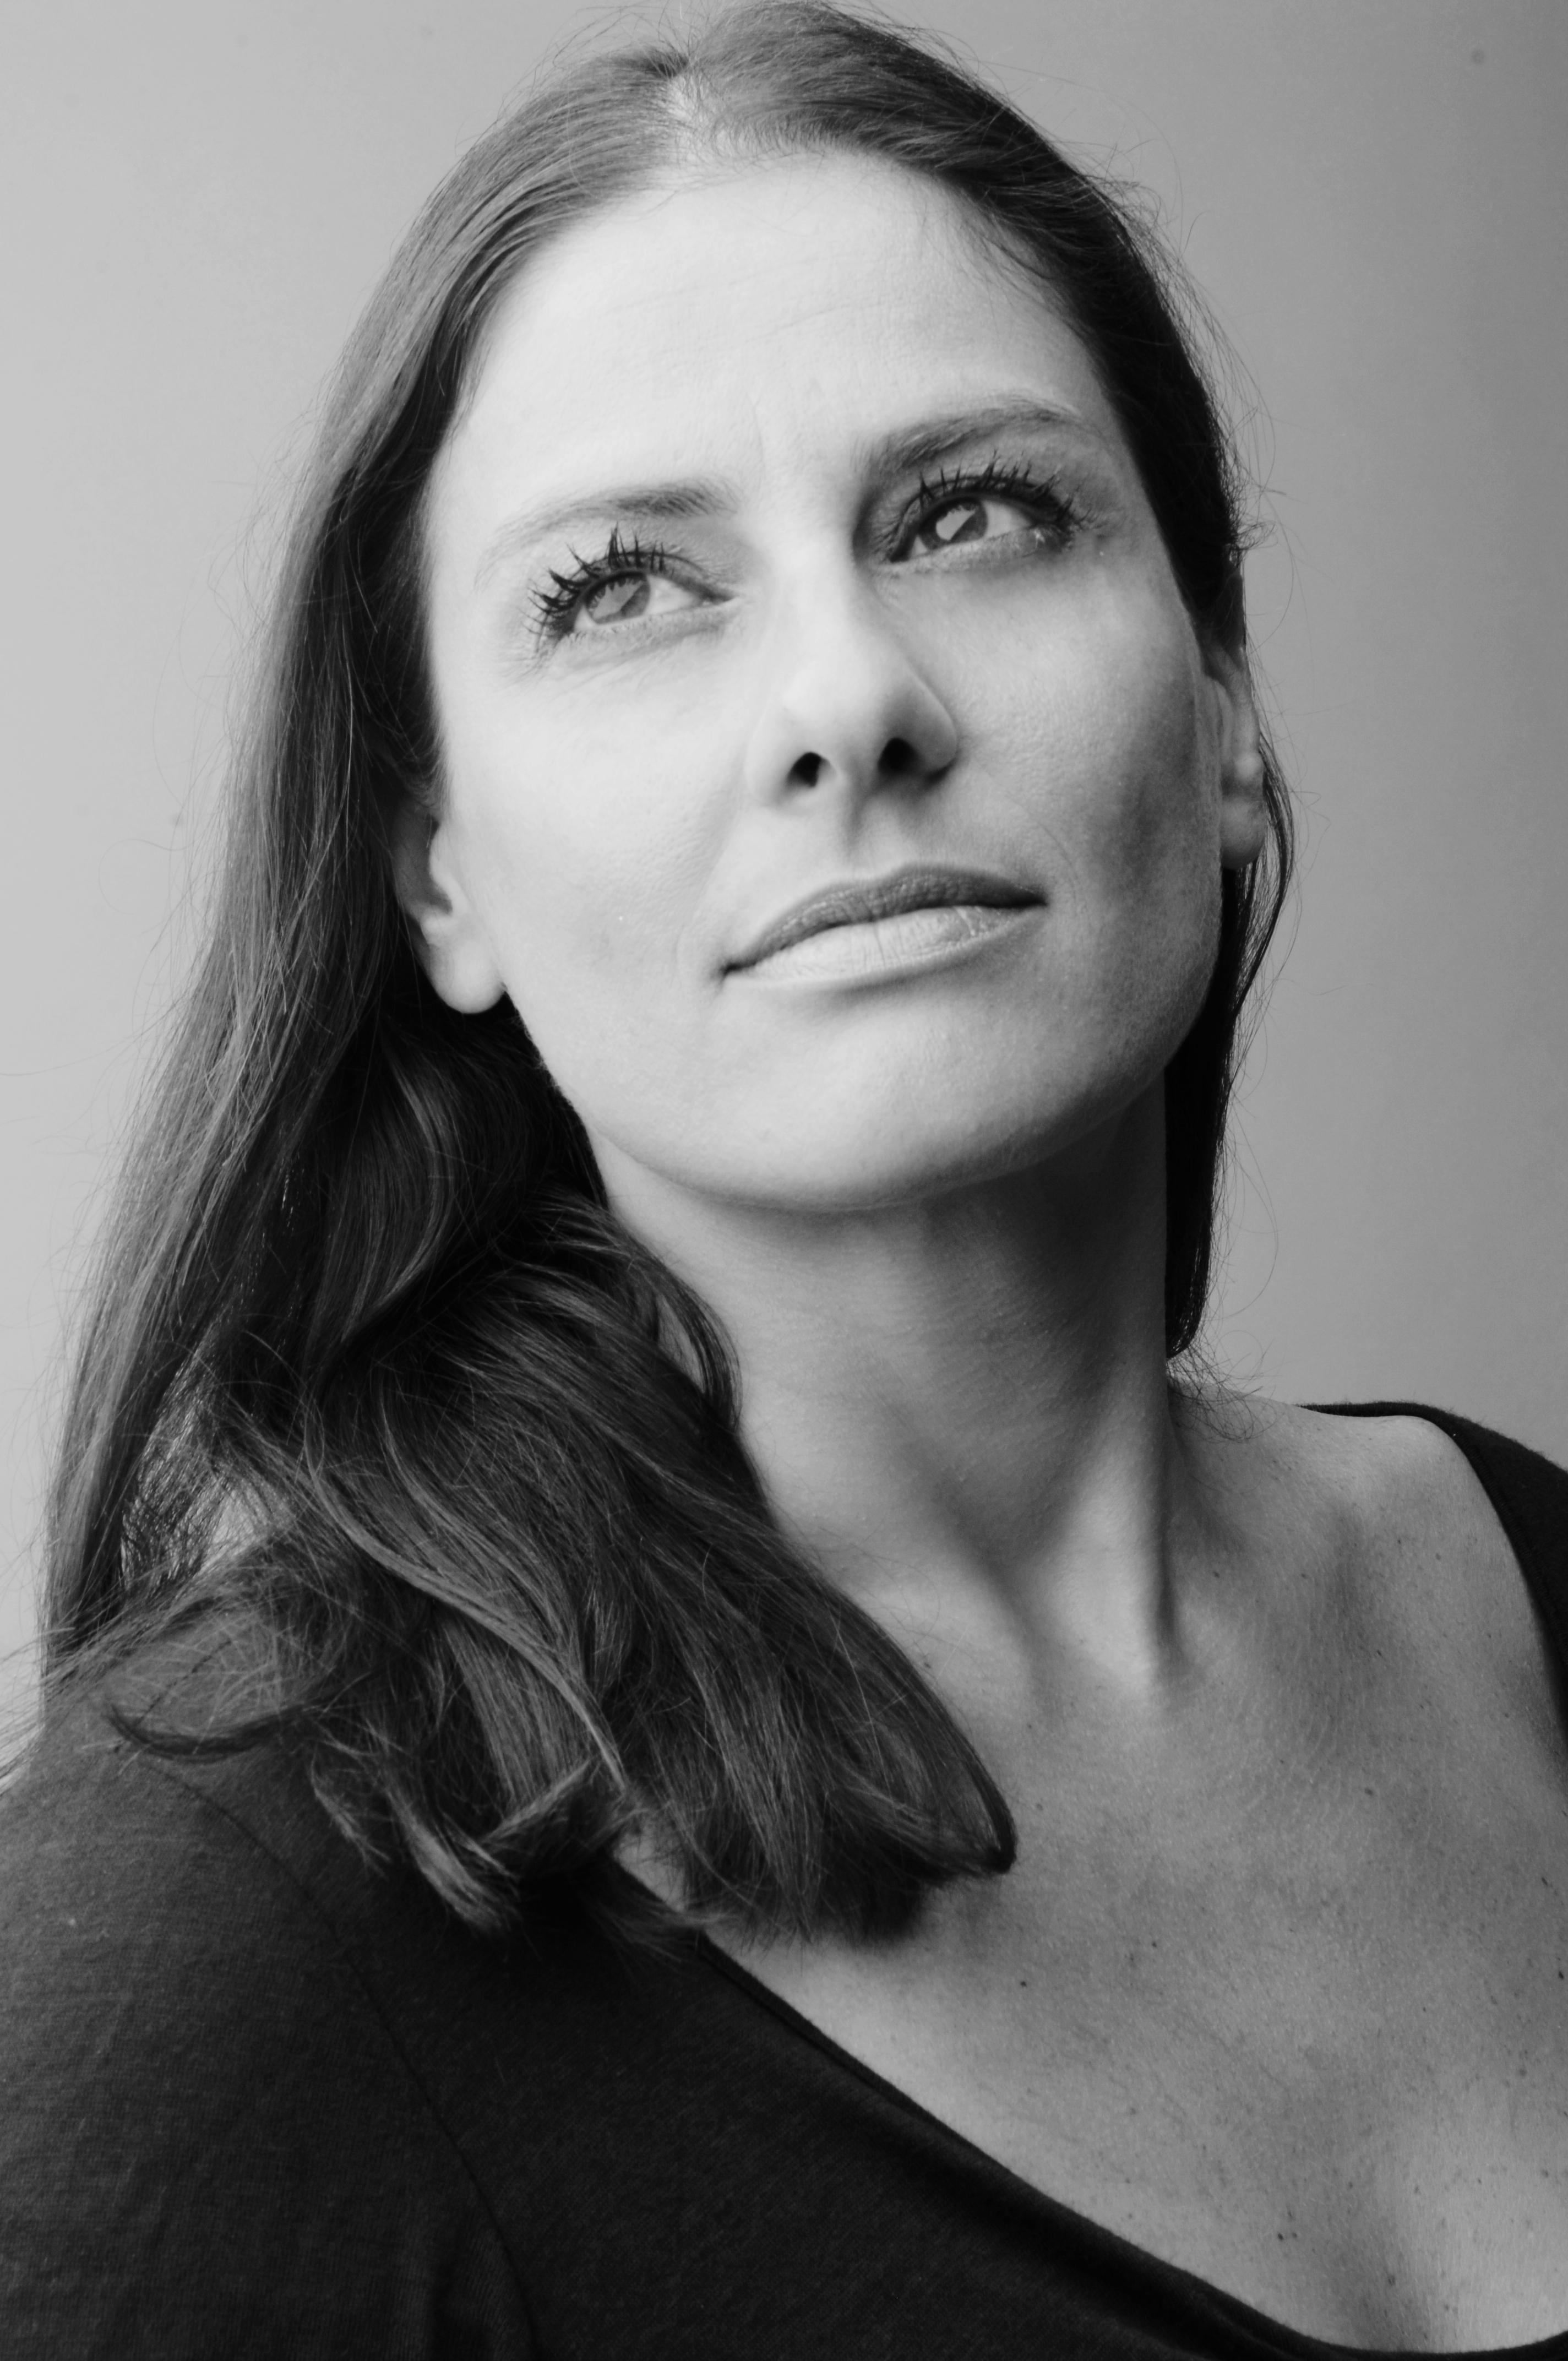 Anna Pangalou